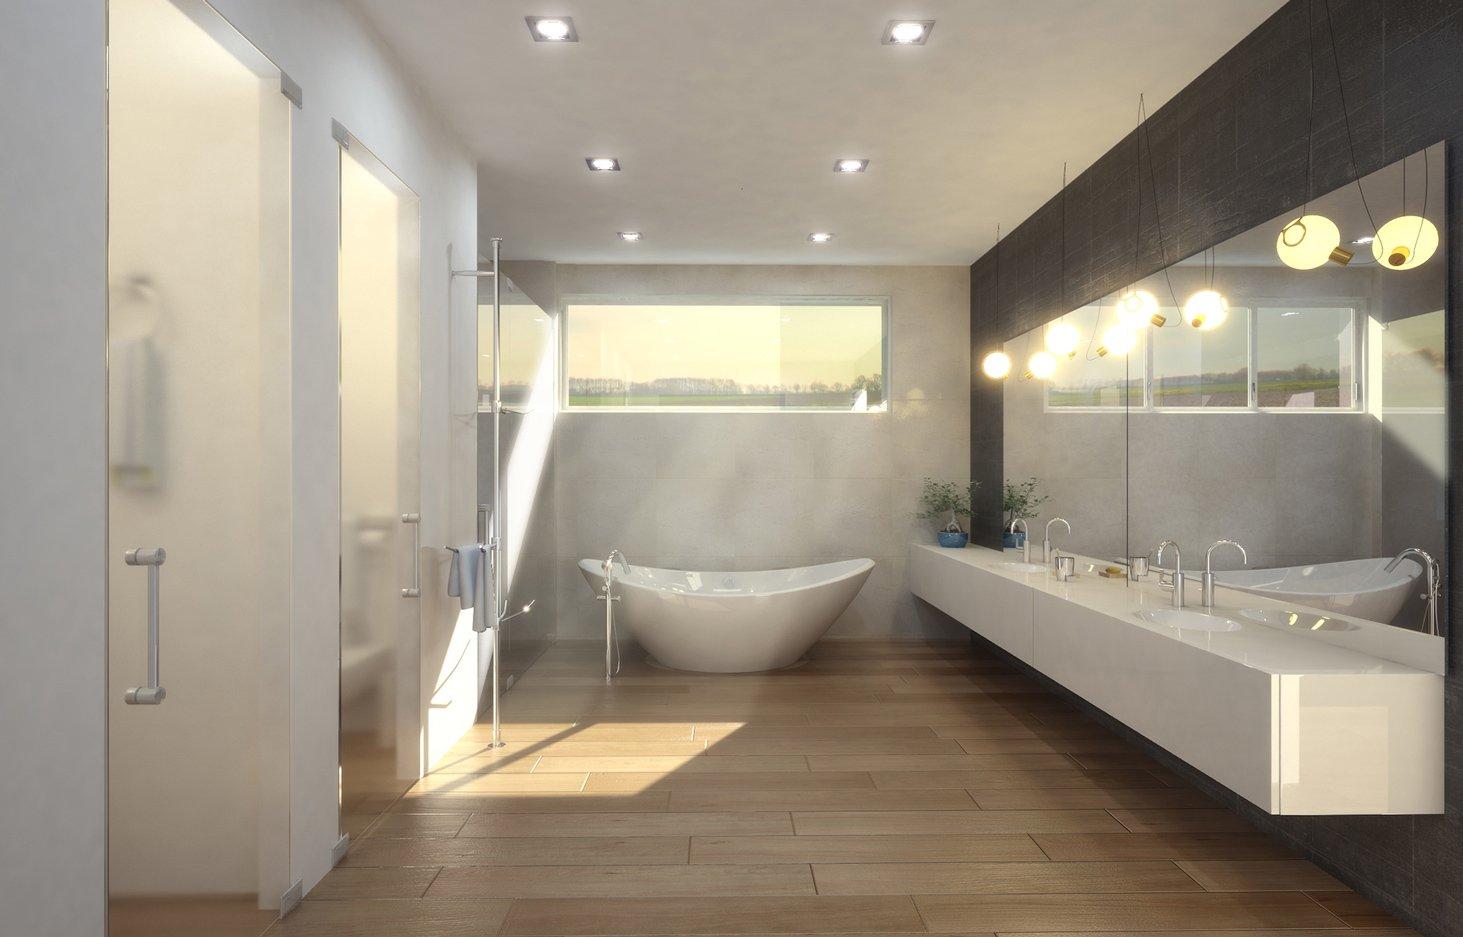 Interior Design bathroom view project in 77 Bal Harbuor, Florida